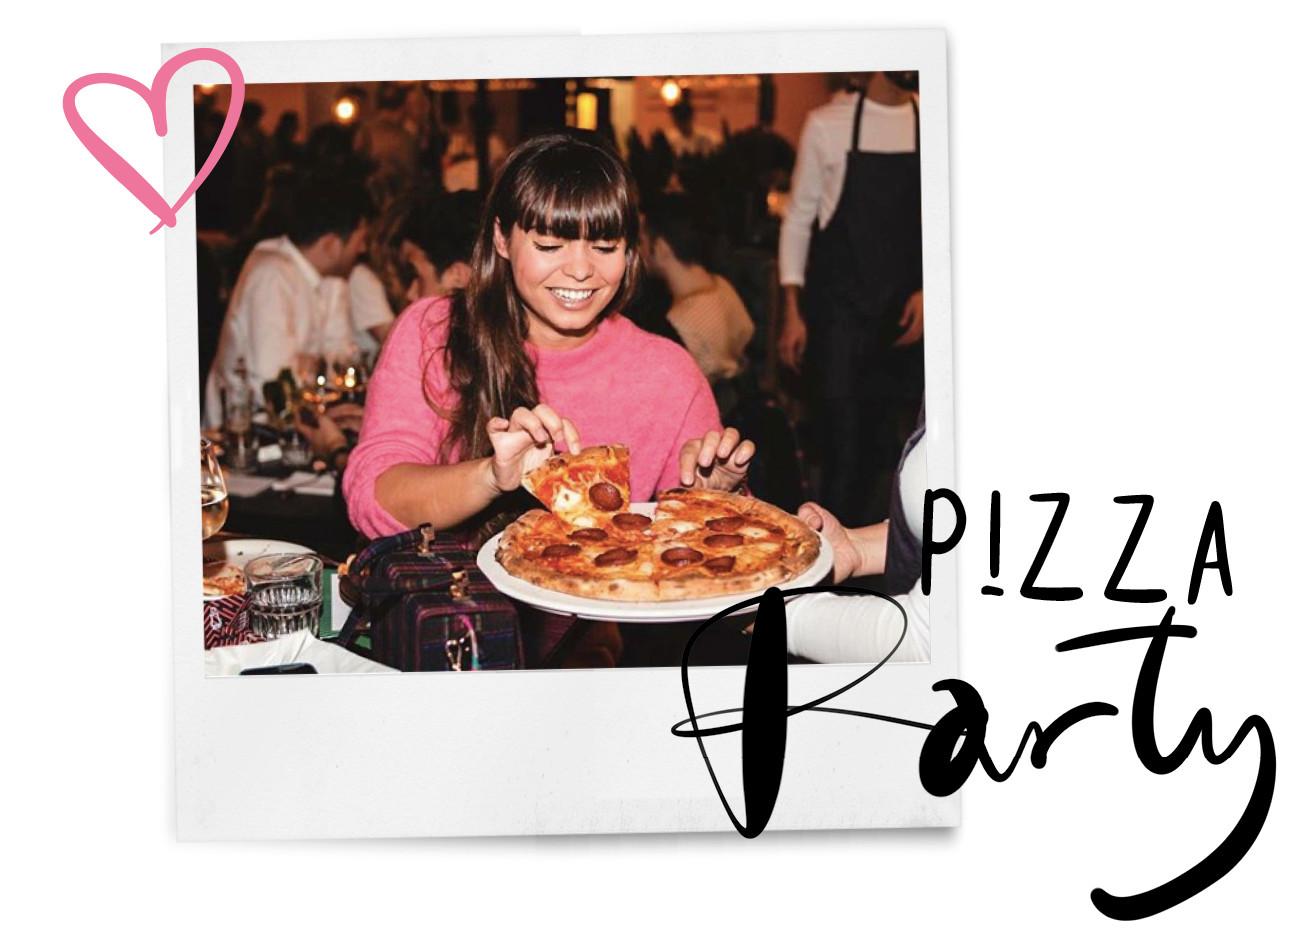 kiki duren eet pizza in een roze trui in een restaurant